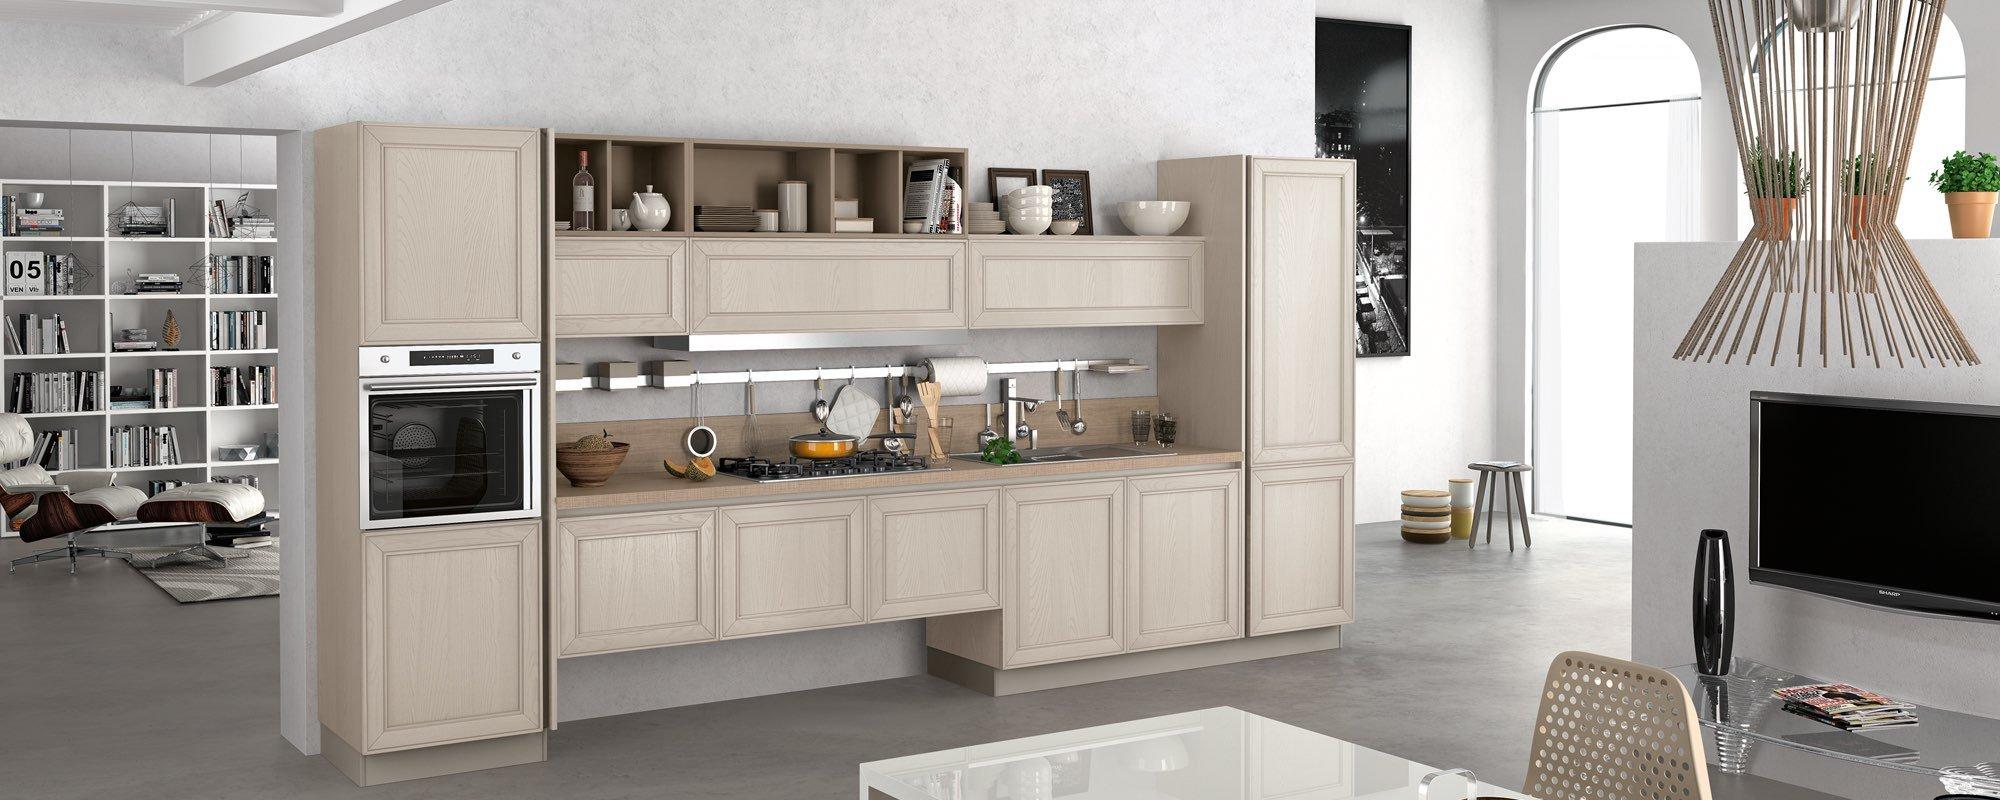 vista laterale di una cucina moderna in legno bianco - MAXIM